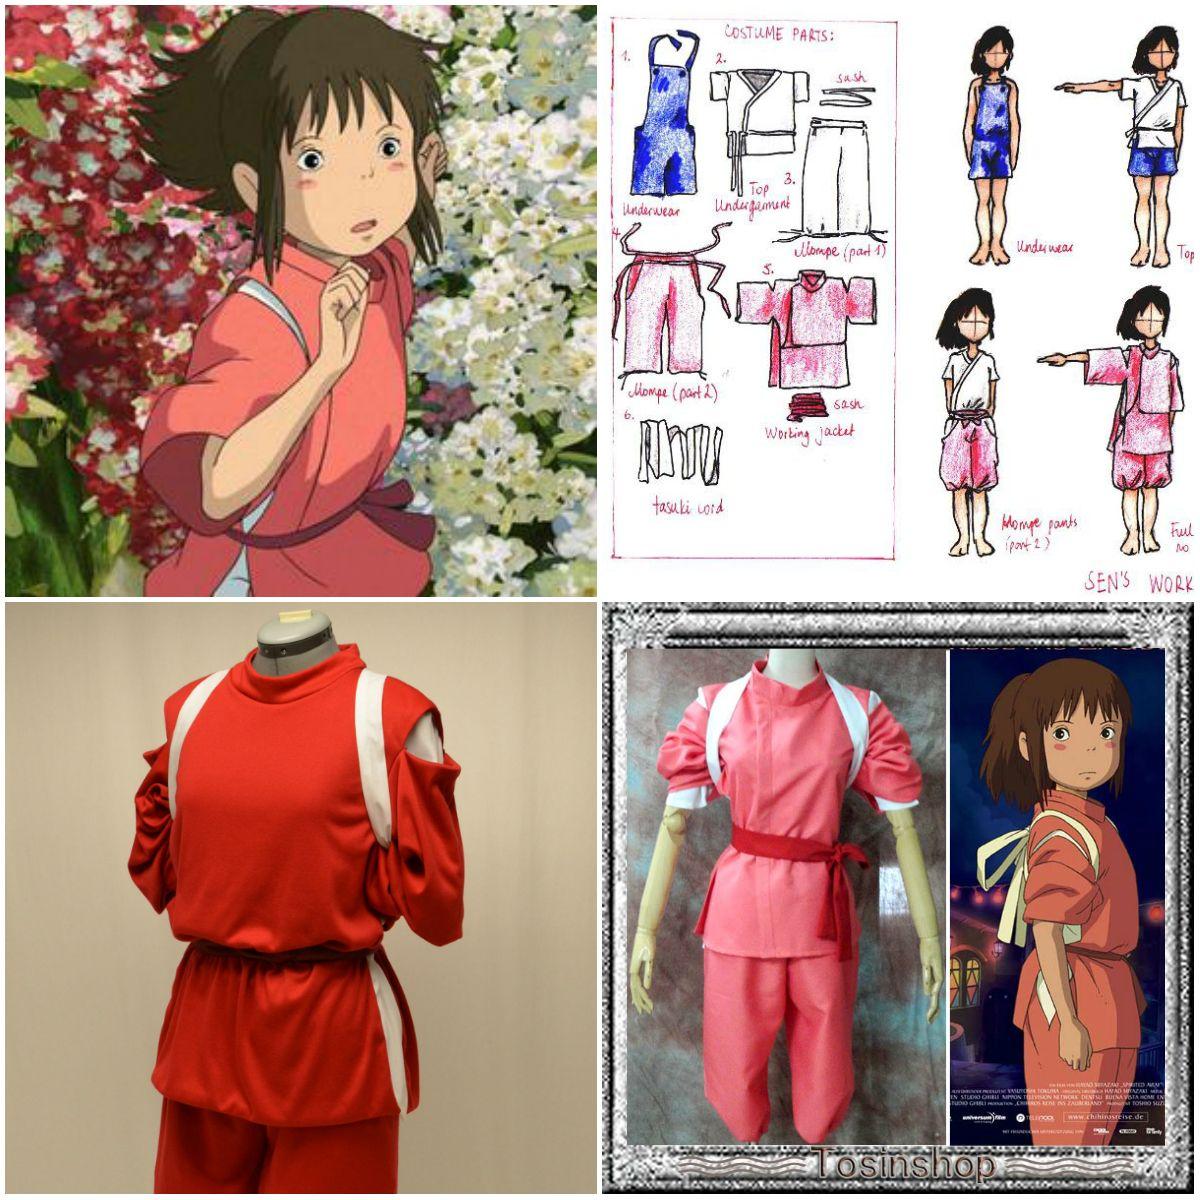 Chihiro Spirited Away Garb Idea Anime Cosplay Costumes Cosplay Diy Spirited Away Cosplay